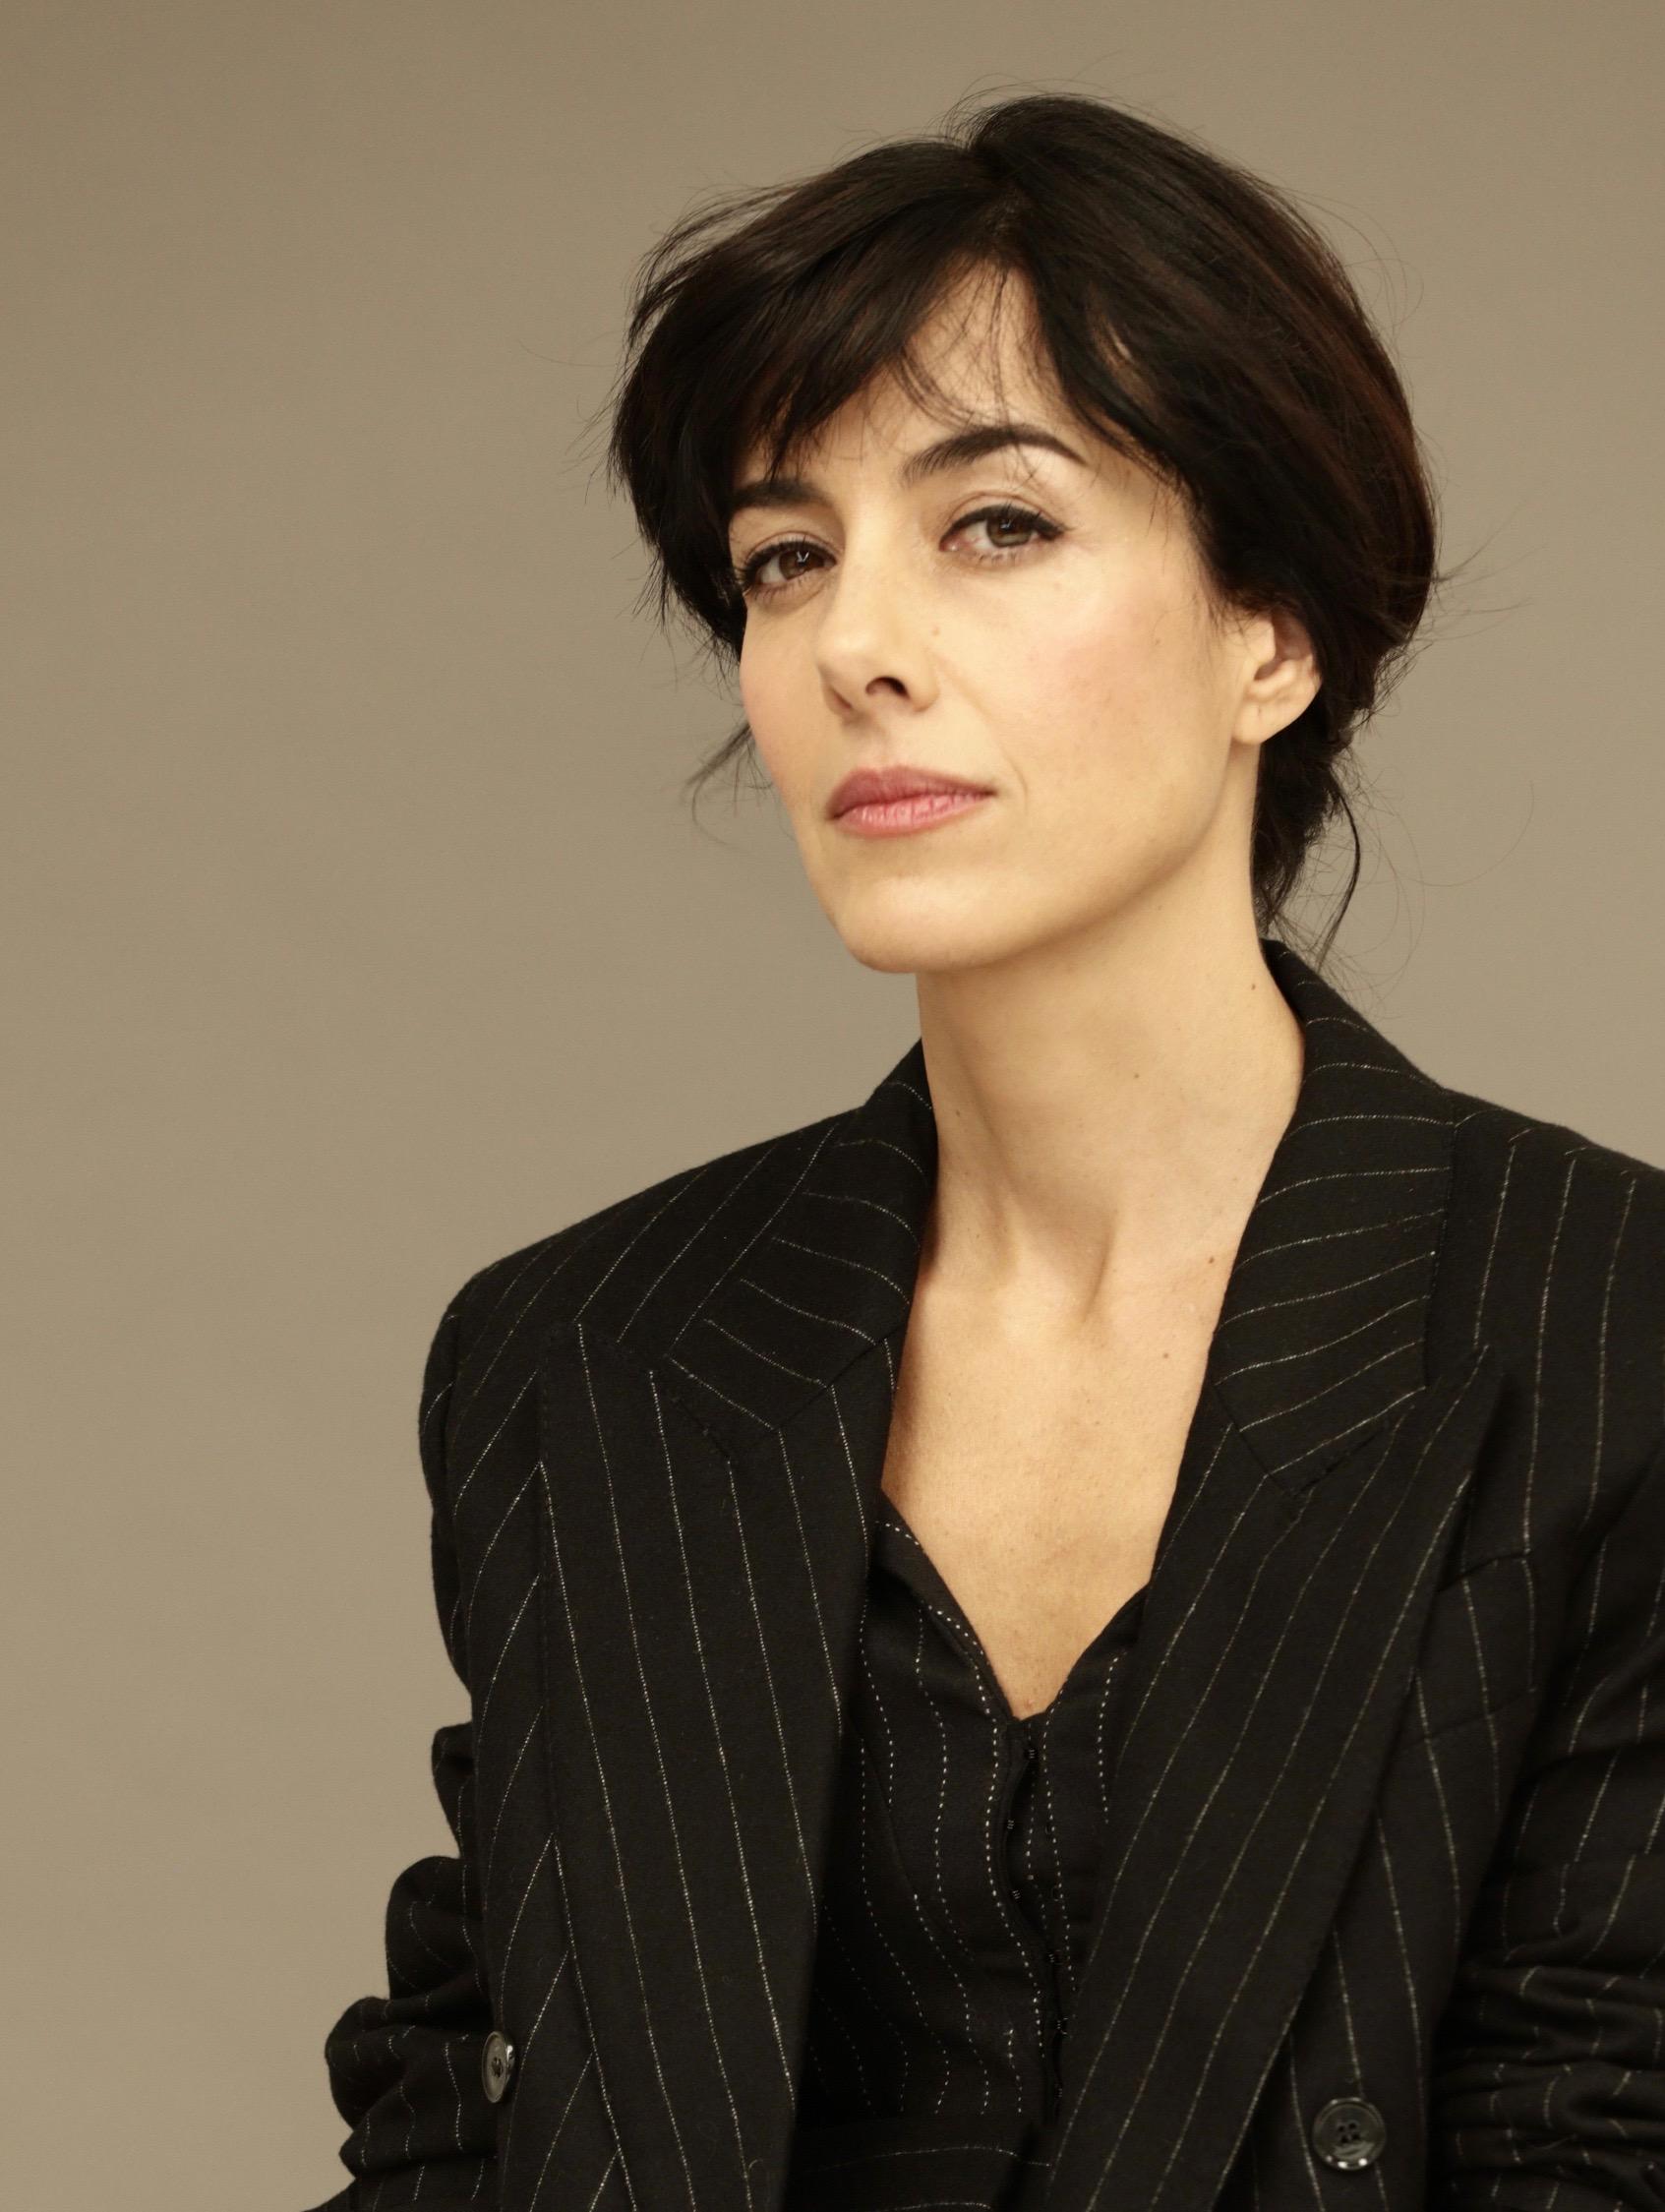 Cecilia Suarez Imdb Cecilia suárez se ha convertido en la protagonista de la exitosa serie la casa de las flores, de netflix, con su personaje de paulina de la mora. cecilia suarez imdb